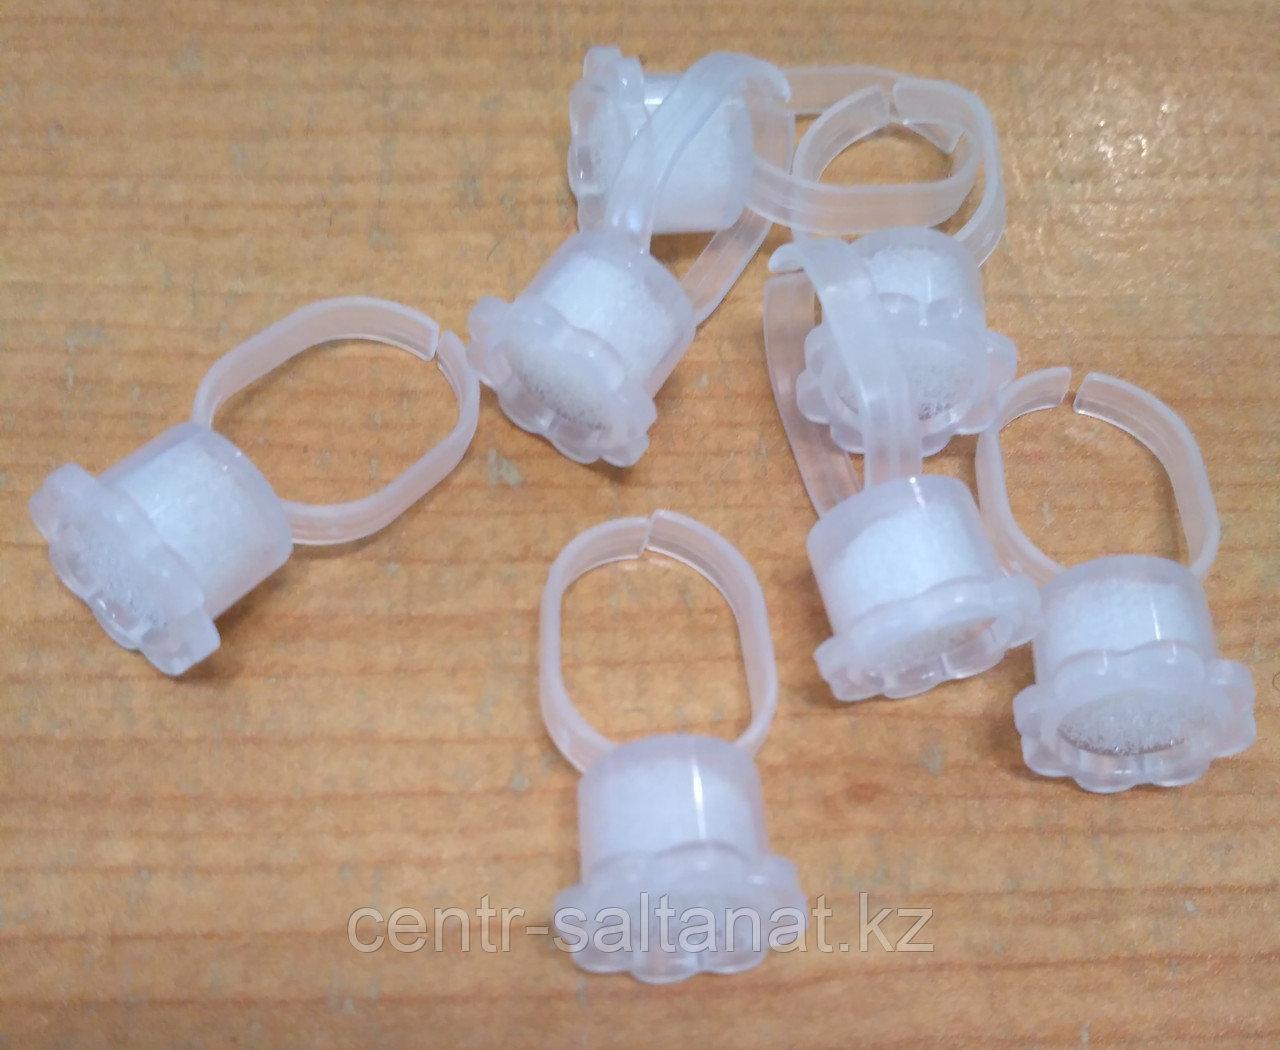 Контейнер ромашка кольцо с губкой для пигментов